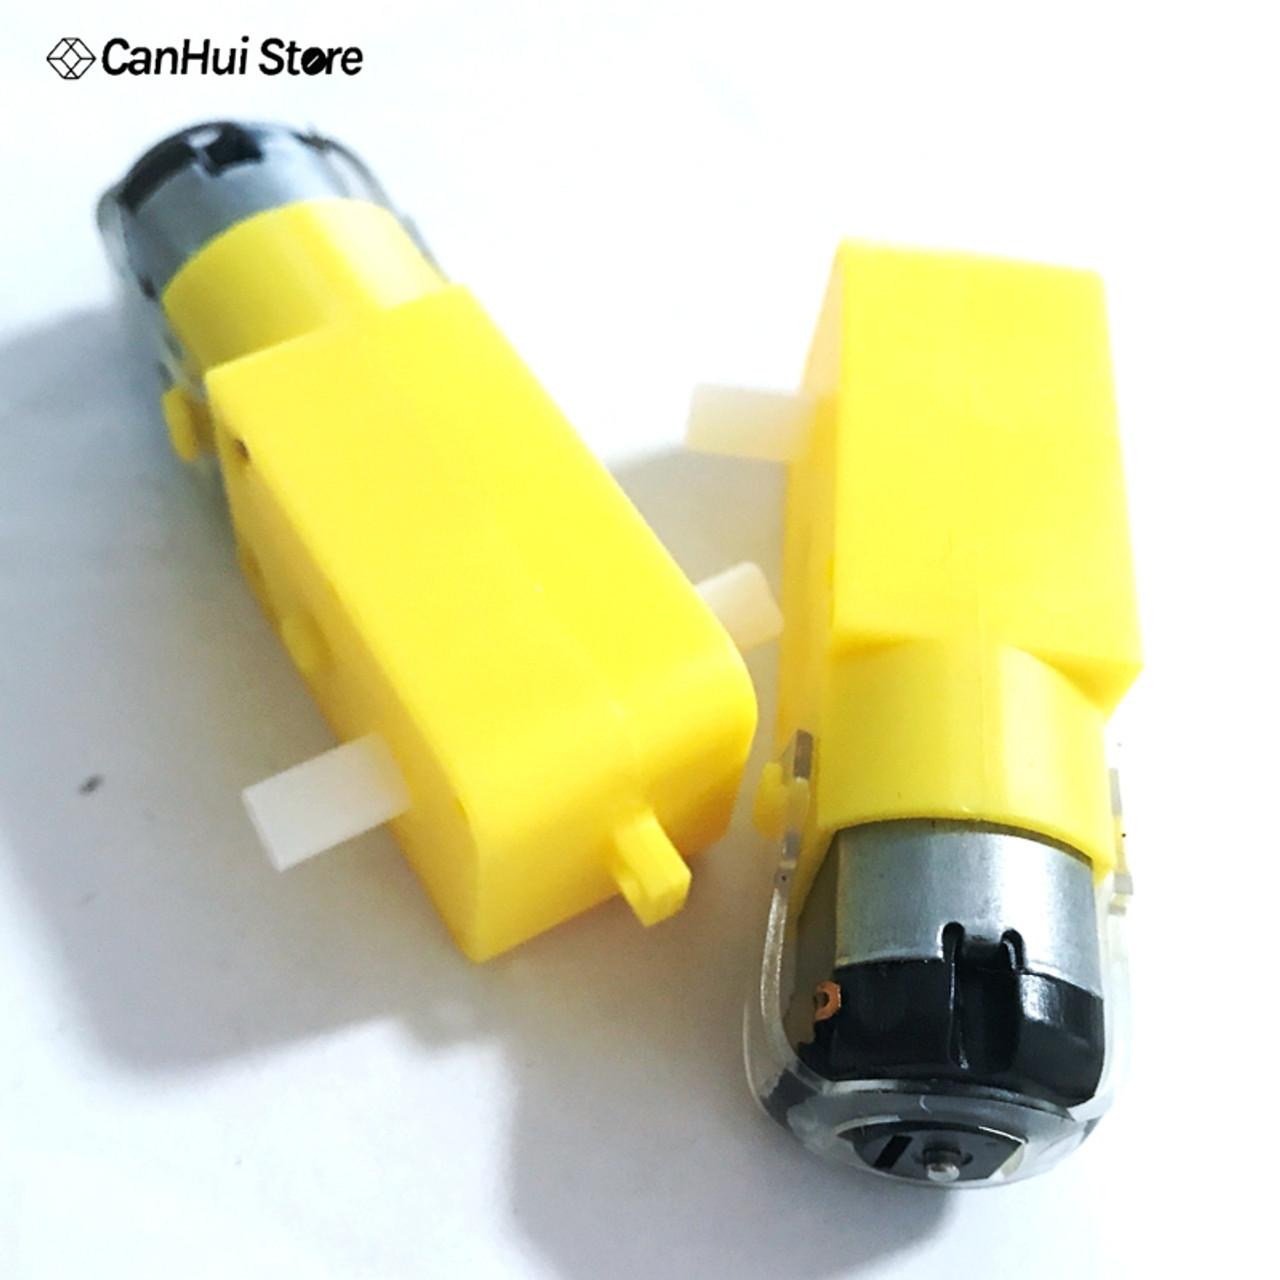 DCGM130TT low speed gear motor shaft extends in two sides.